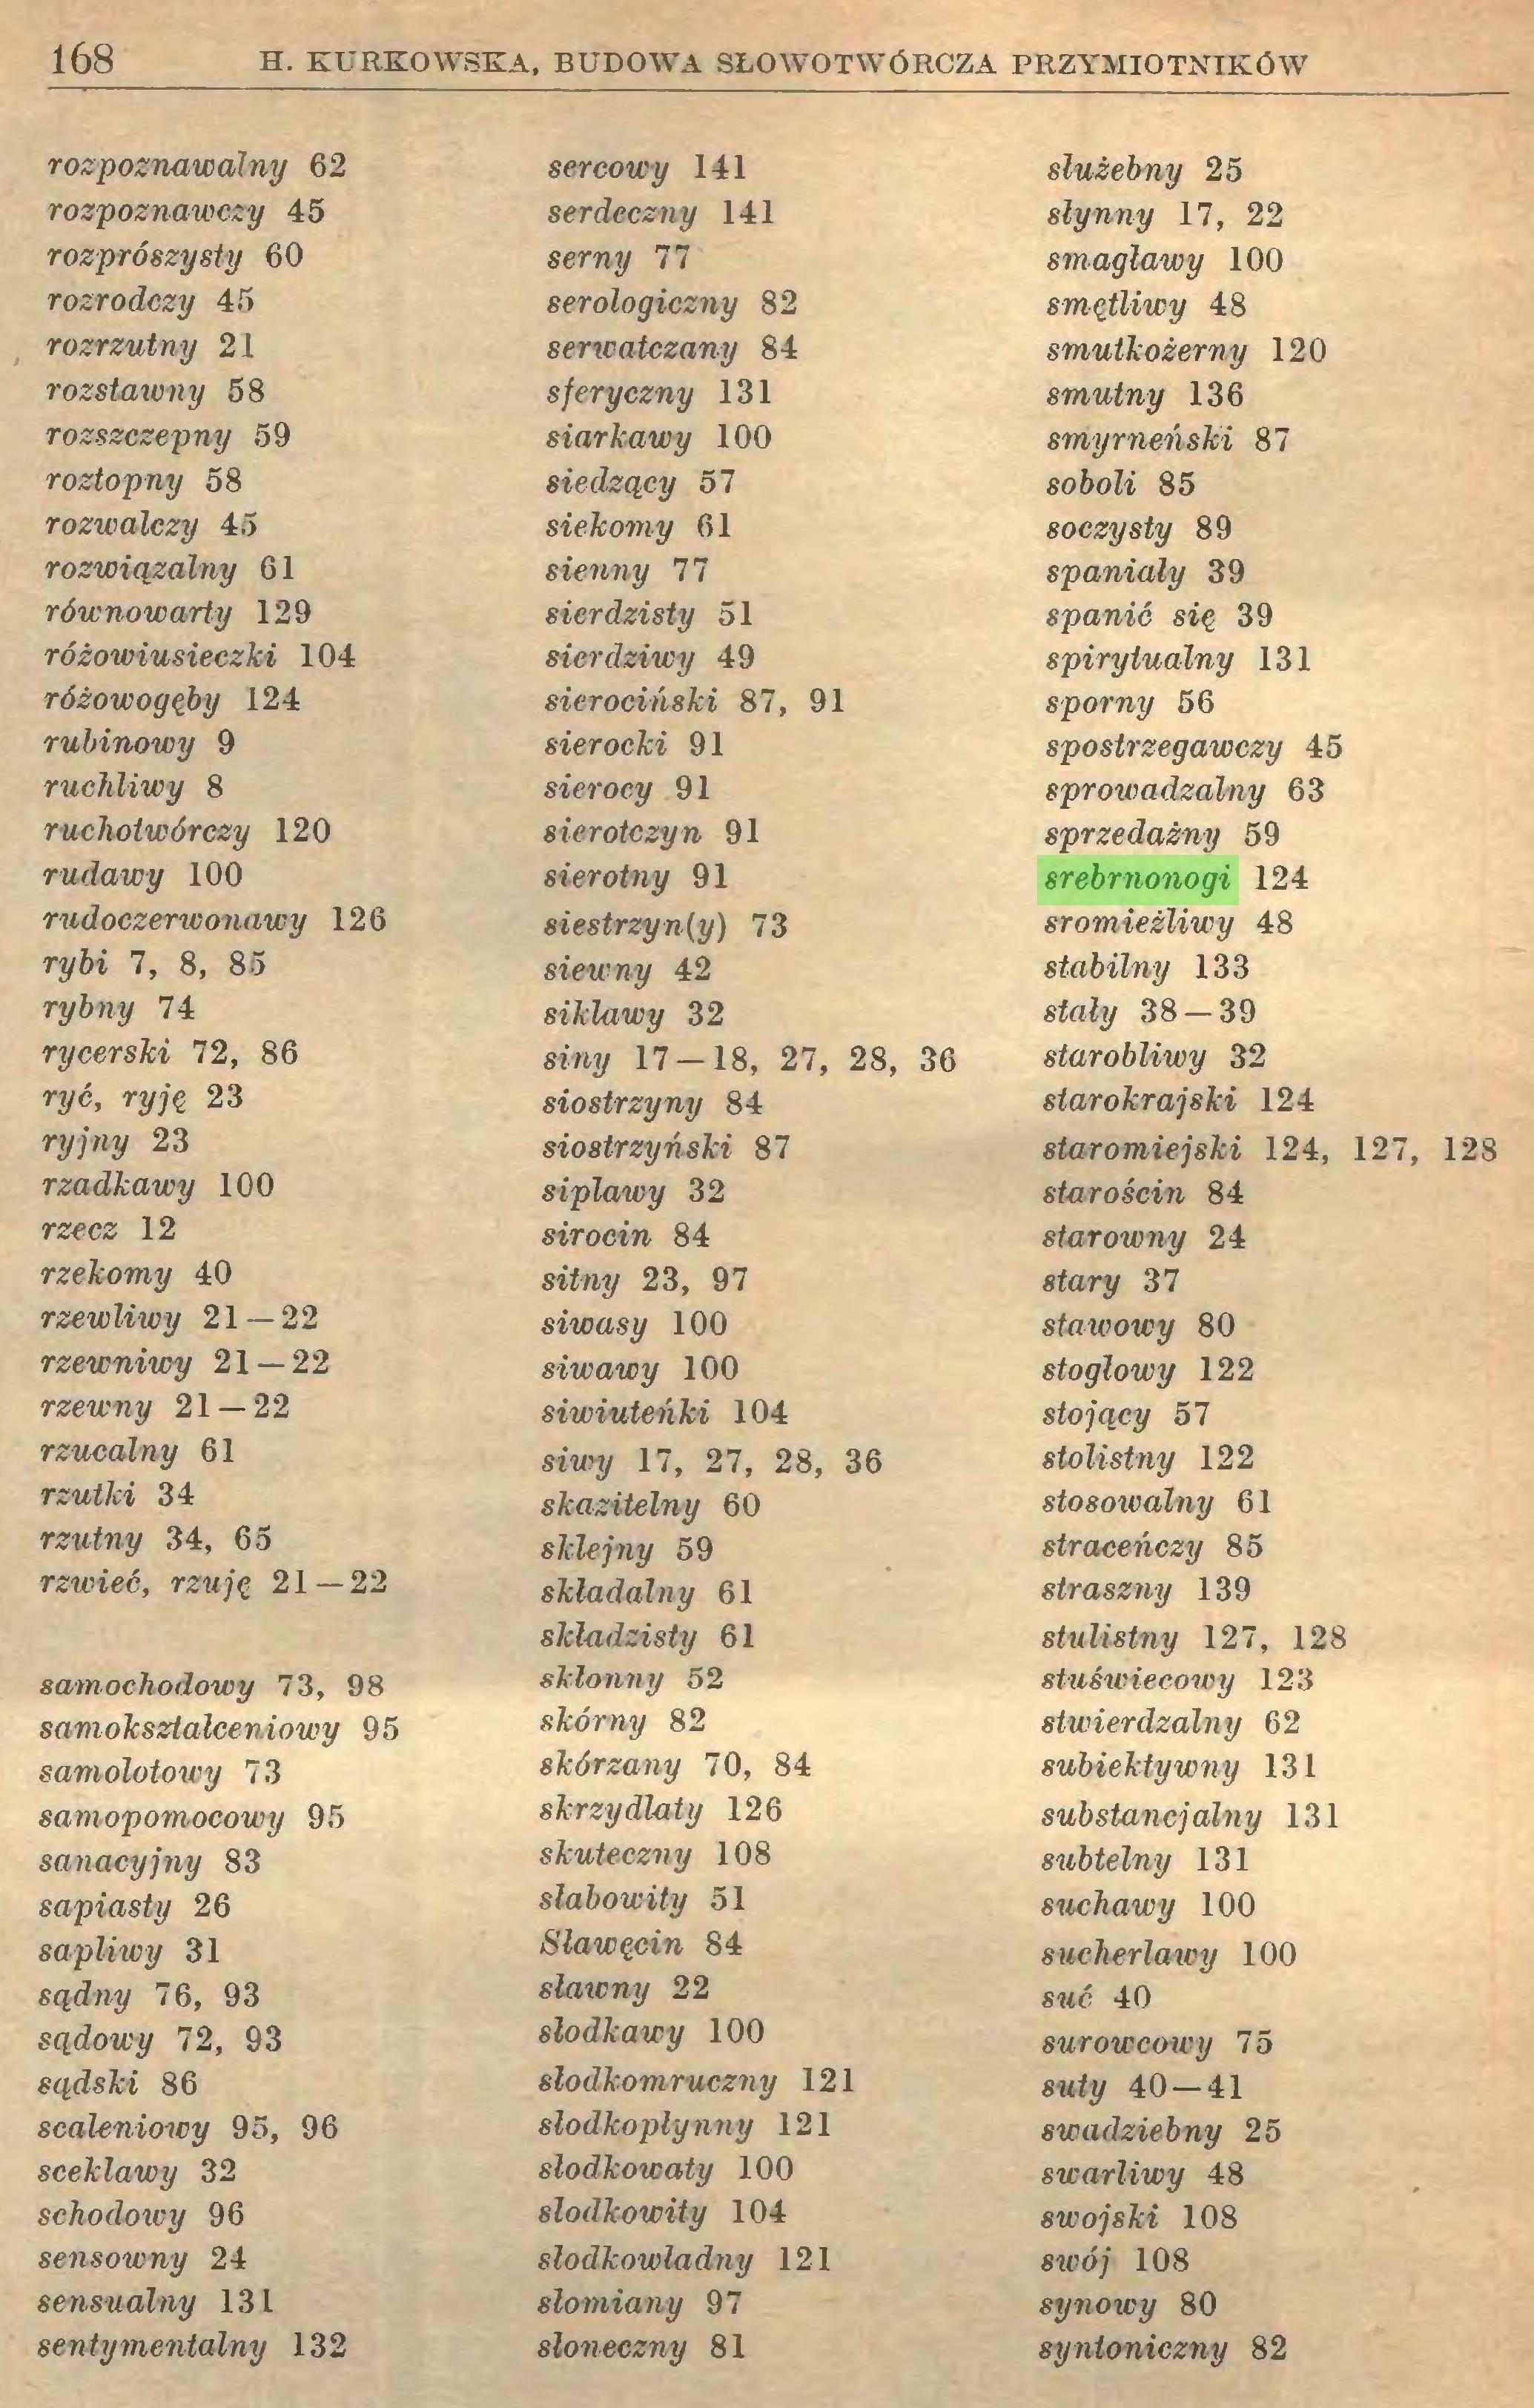 (...) 168 H. KURKOWSKA, BUDOWA SŁOWOTWÓRCZA PRZYMIOTNIKÓW rozpoznawalny 62 rozpoznawczy 45 rozprószysty 60 rozrodczy 45 rozrzutny 21 rozstawny 58 rozszczepny 59 roztopny 58 rozwalczy 45 rozwiązalny 61 równowarty 129 różowiusieczki 104 różowo gęby 124 rubinowy 9 ruchliwy 8 ruchotwórczy 120 rudawy 100 rudoczerwonawy 126 rybi 7, 8, 85 rybny 74 rycerski 72, 86 ryć, ryję 23 ryjny 23 rzadkawy 100 rzecz 12 rzekomy 40 rzewliwy 21 — 22 rzewniwy 21 — 22 rzewny 21 — 22 rzucalny 61 rzutki 34 rzutny 34, 65 rzwieć, rzuję 21 — 22 samochodowy 73, 98 samokształceniowy 95 samolotowy 73 samopomocowy 95 sanacyjny 83 sapiasty 26 sapliwy 31 sądny 76, 93 sądowy 72, 93 sądski 86 scaleniowy 95, 96 sceklawy 32 schodowy 96 sensowny 24 sensualny 131 sentymentalny 132 sercowy 141 serdeczny 141 serny 77 serologiczny 82 serwatczany 84 sjeryczny 131 siarkawy 100 siedzący 57 siekomy 61 sienny 77 sierdzi8ty 51 sierdziwy 49 sierociński 87, 91 Sierocki 91 sierocy 91 sierotczyn 91 sierotny 91 siestrzyn{y) 73 siewny 42 siklawy 32 siny 17 — 18, 27, 28, 36 siostrzyny 84 sio8trzyński 87 siplawy 32 sirocin 84 sitny 23, 97 siwasy 100 siwawy 100 siwiuteńki 104 siwy 17, 27, 28, 36 skazitelny 60 siciejny 59 składalny 61 skladzisty 61 skłonny 52 skórny 82 skórzany 70, 84 skrzydlaty 126 skuteczny 108 słabowity 51 Sławęcin 84 sławny 22 słód kawy 100 slodkomruczny 121 slodkoplynny 121 slodkowaty 100 slodkowity 104 slodkowladny 121 słomiany 97 słoneczny 81 służebny 25 słynny 17, 22 smagławy 100 smętliwy 48 smutkożerny 120 smutny 136 smyrneński 87 soboli 85 soczysty 89 spaniały 39 spanie się 39 spirytualny 131 sporny 56 spostrzegawczy 45 sprowadzalny 63 sprzedażny 59 srebrnonogi 124 sromieżliwy 48 stabilny 133 stały 38 — 39 starobliwy 32 starokrajski 124 staromiejski 124, 127, 128 starościn 84 starowny 24 stary 37 stawowy 80 stoglowy 122 stojący 57 8tolistny 122 stosowalny 61 straceńczy 85 straszny 139 stulistny 127, 128 stuświecowy 123 stwierdzalny 62 subiektywny 131 substancjalny 131 subtelny 131 suchawy 100 sucher